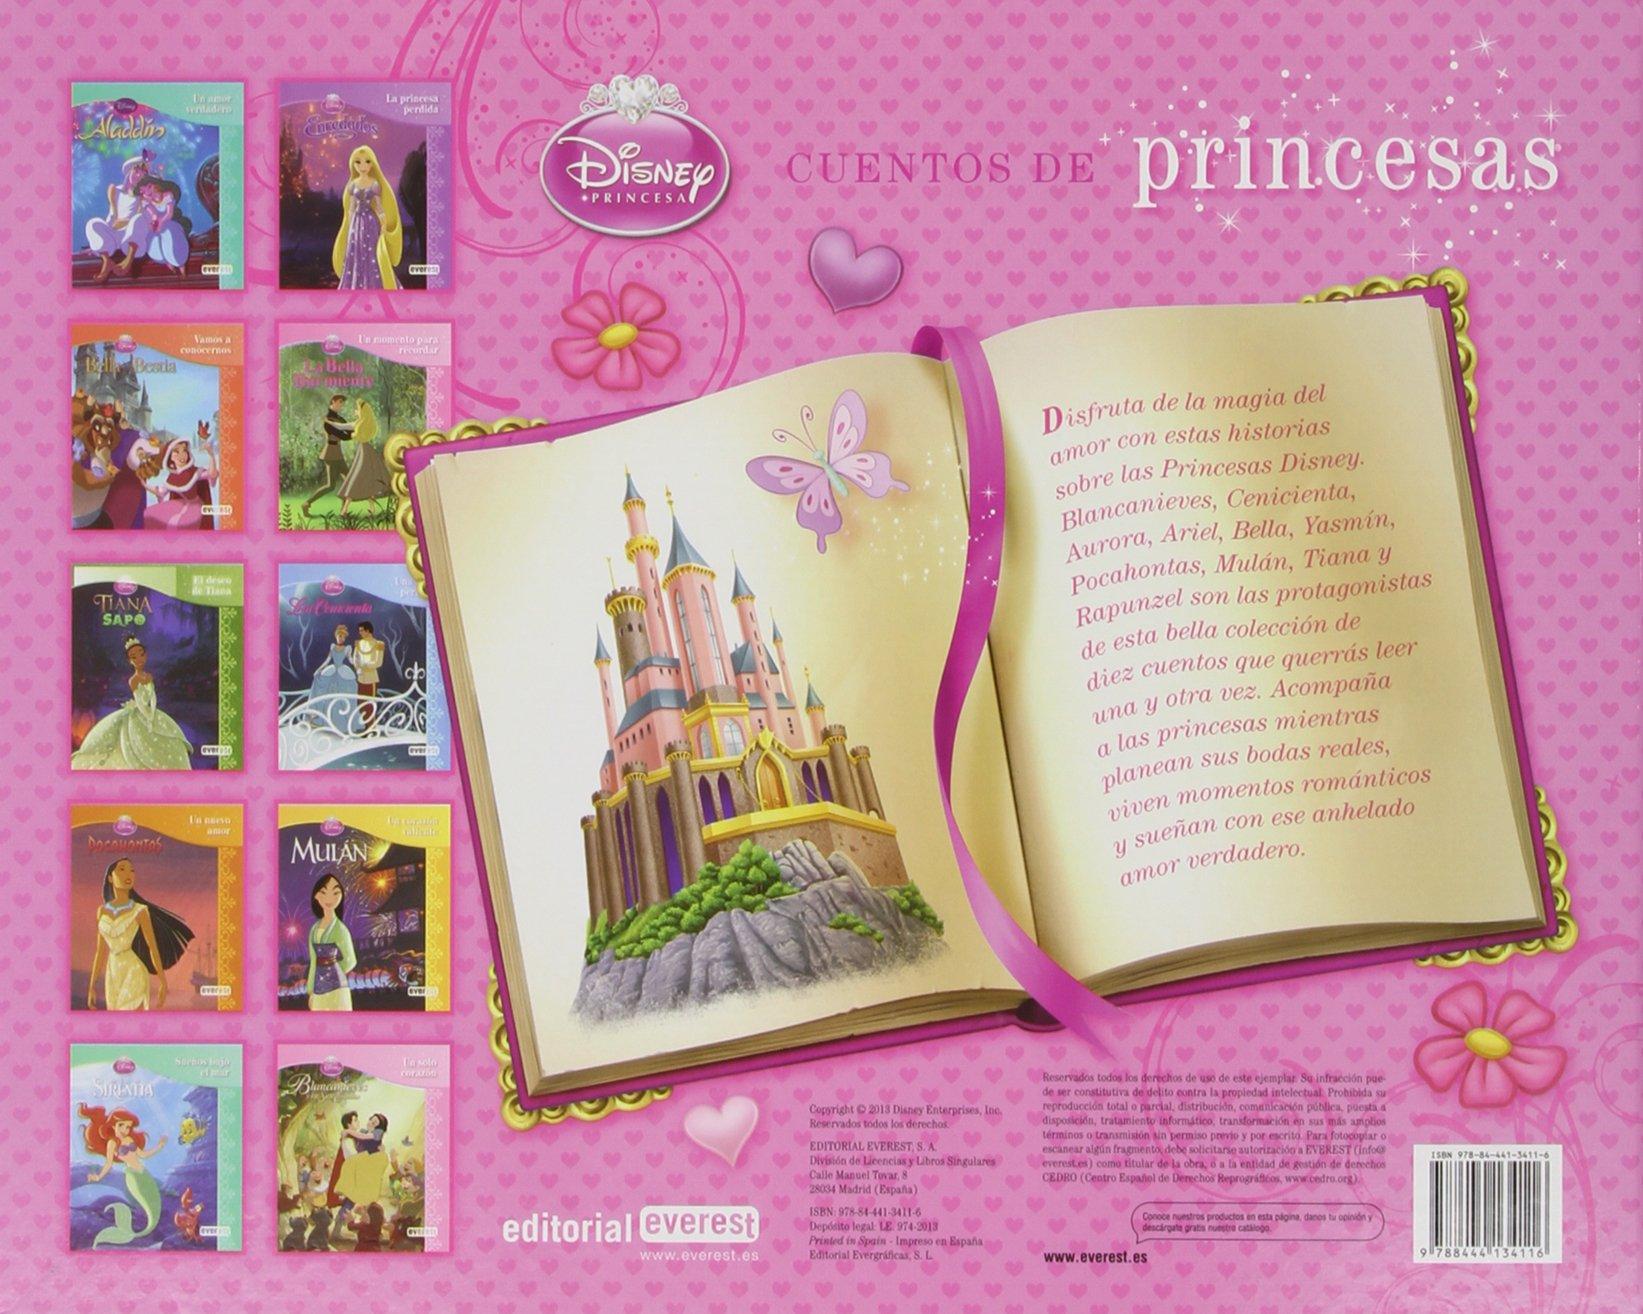 Princesas Disney. Cuentos De Princesas Libros singulares: Amazon.es: Walt Disney Company, Walt Disney Company, Alonso Mendoza Liwayway, García Romeu Pilar, Chaves Sanz Yolanda: Libros